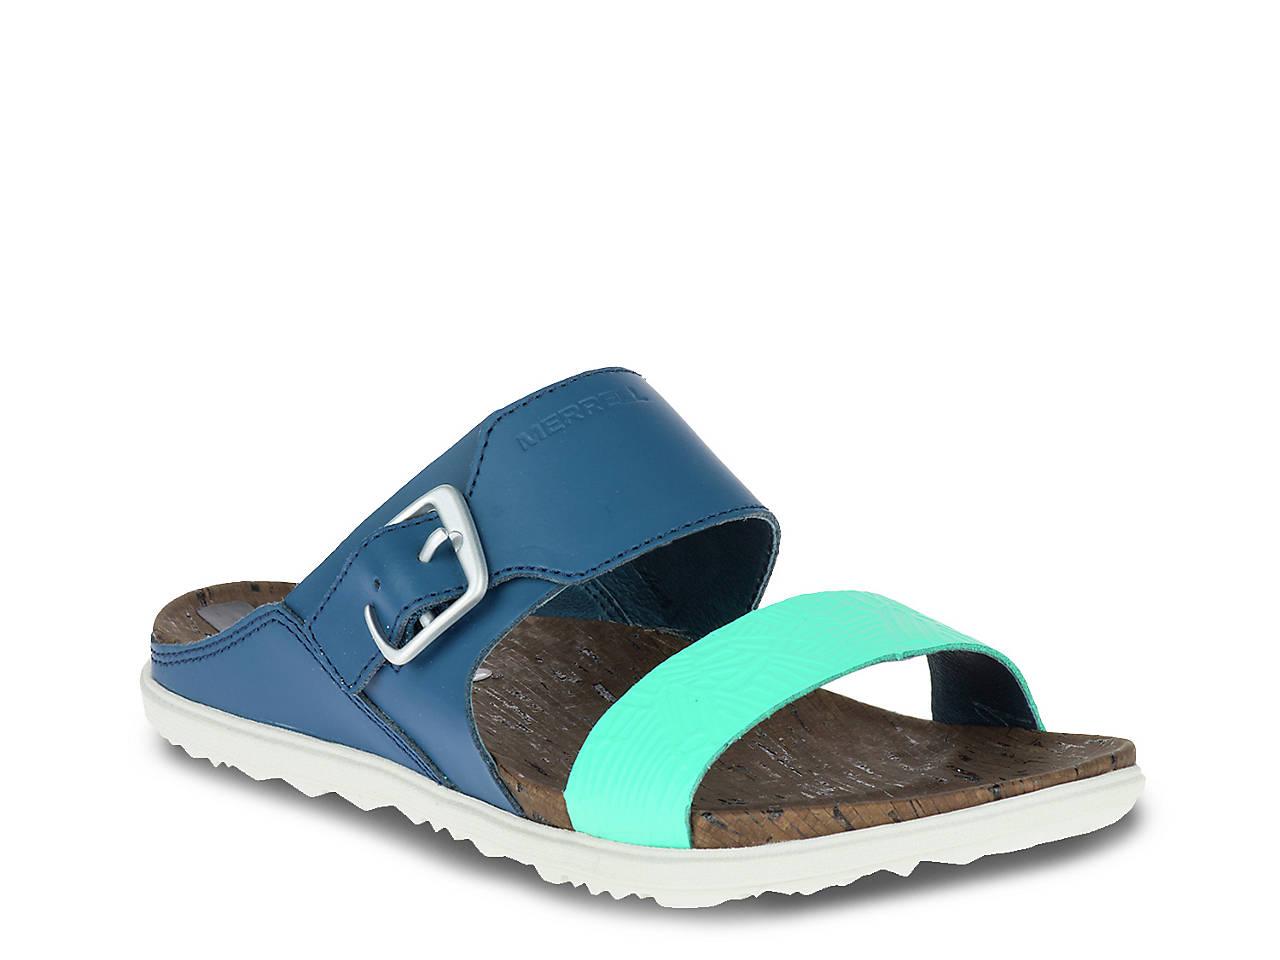 751917b4e87 Merrell Around Town Buckle Slide Sandal Women s Shoes